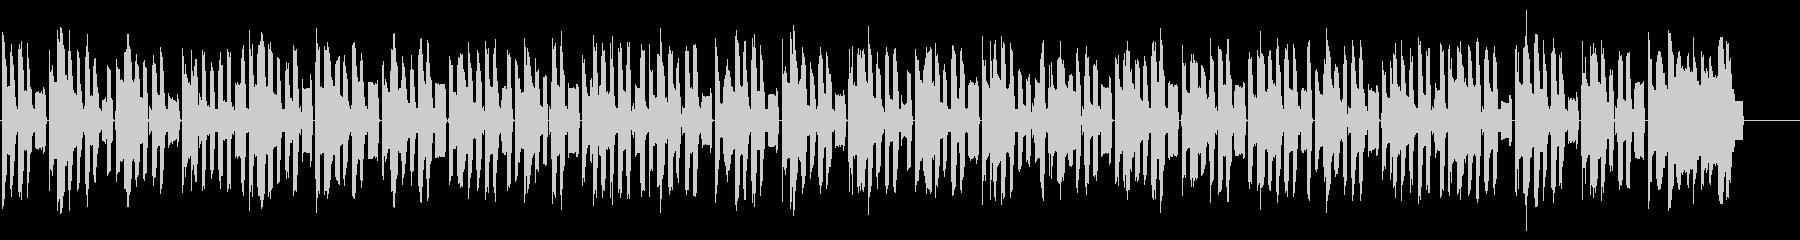 ファミコン調8bitのBGM 1の未再生の波形